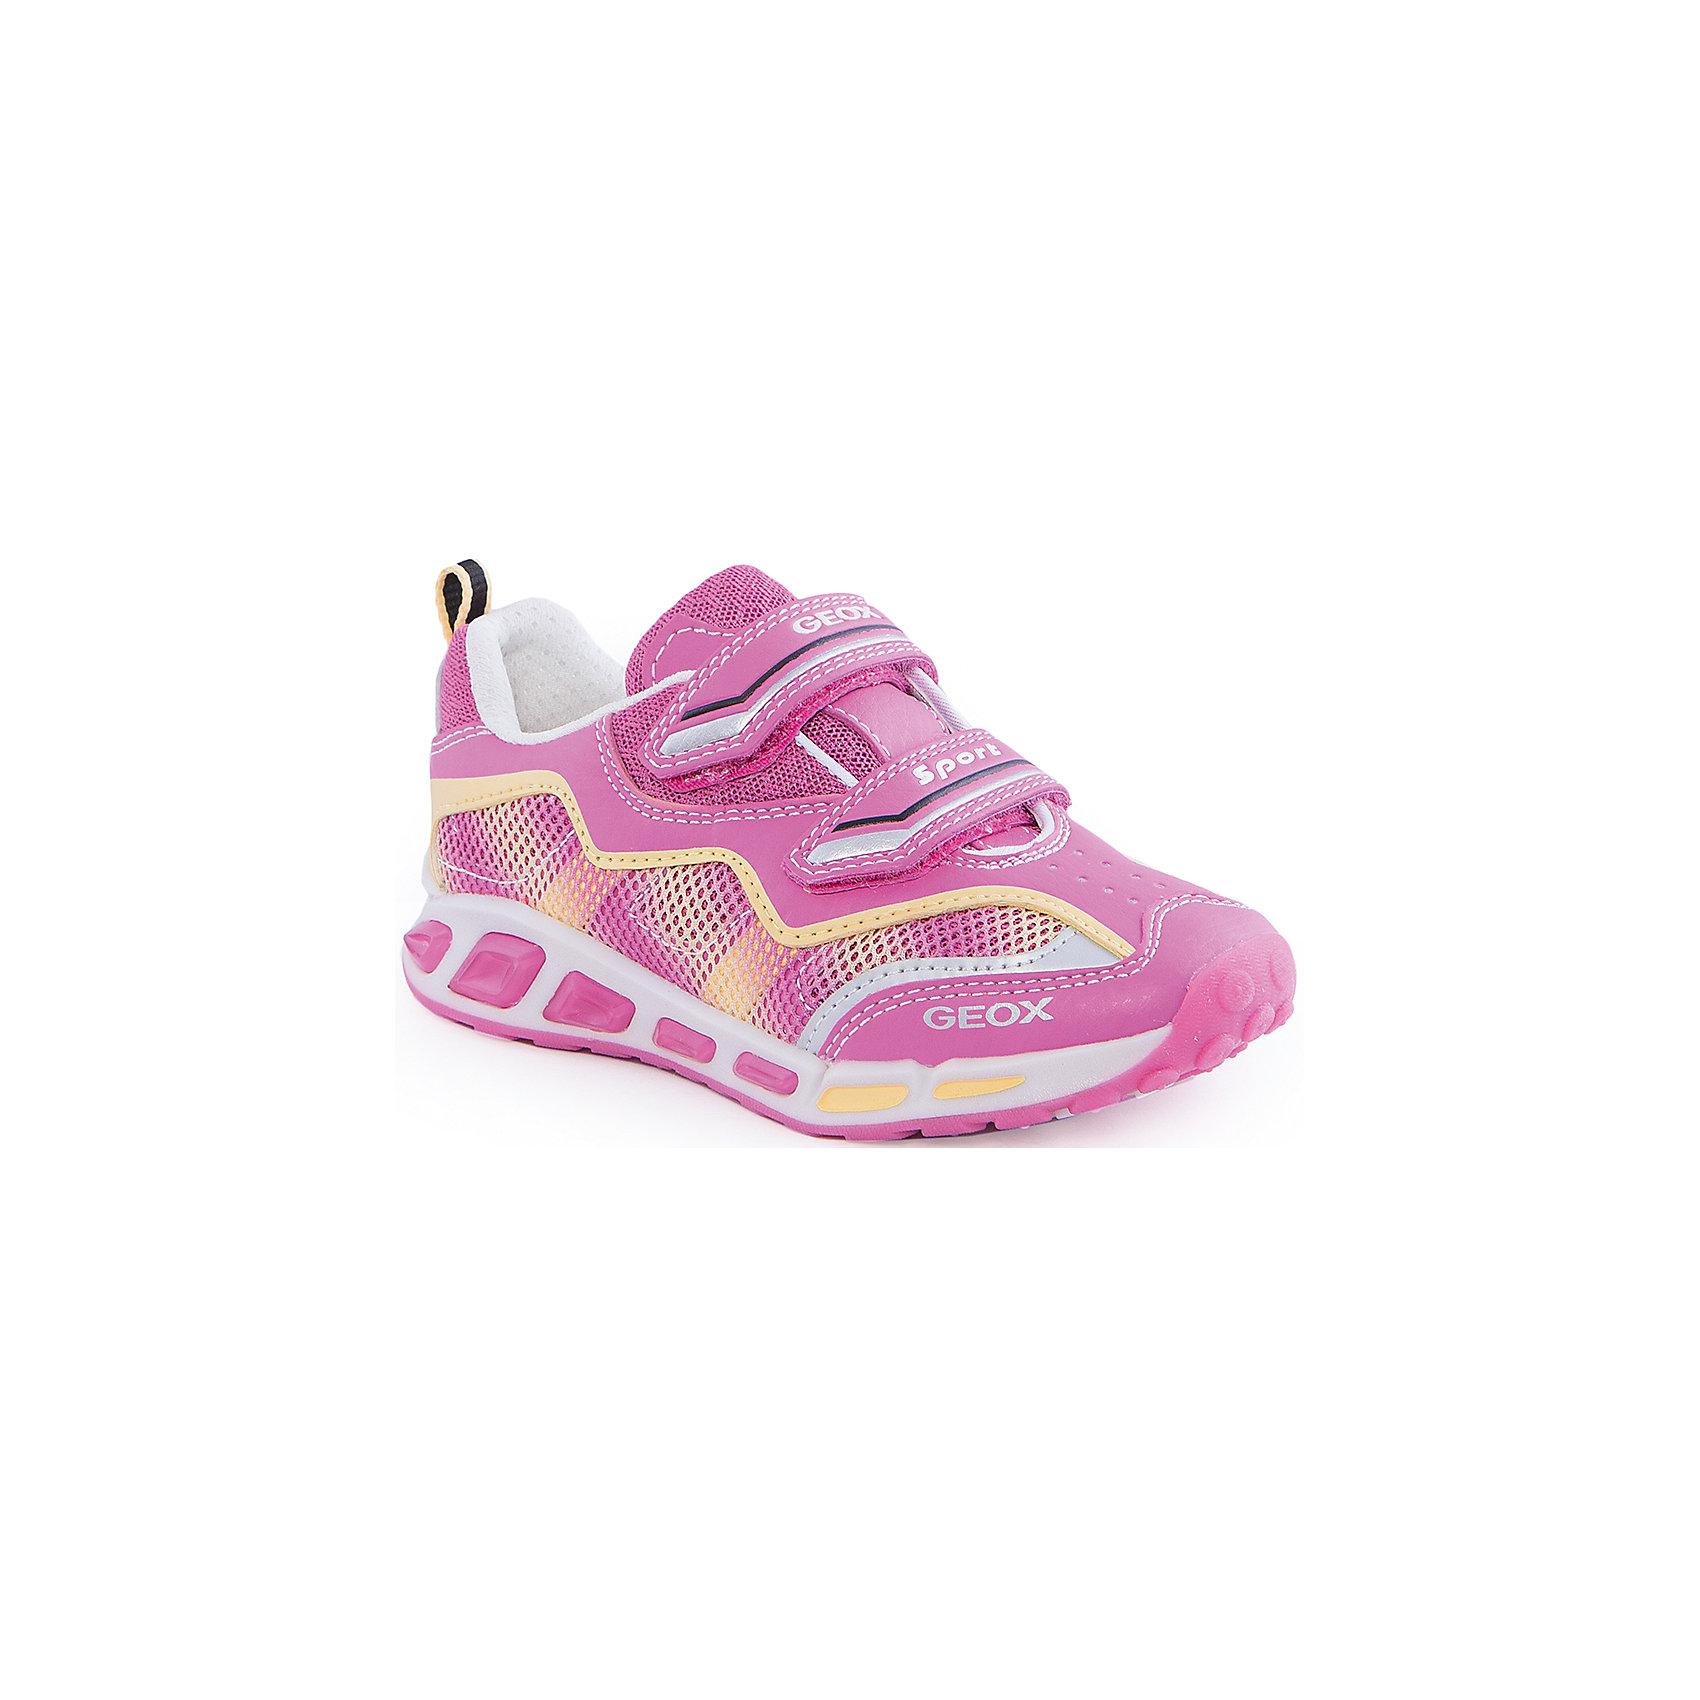 Кроссовки со светодиодами для девочки GEOXКроссовки для девочки от популярной марки GEOX (Геокс).<br><br>Такие розовые кроссовки - отличная обувь для нового весеннего сезона. Модель очень стильно и оригинально смотрится.<br>Производитель обуви заботится не только о внешнем виде, но и стабильно высоком качестве продукции. GEOX (Геокс) разработал специальную дышащую подошву, которая не пропускает влагу внутрь, а также высокотехнологичную стельку.<br><br>Отличительные особенности модели:<br><br>- цвет: розовый;<br>- декорированы желтыми и белыми элементами;<br>- гибкая водоотталкивающая подошва с дышащей мембраной;<br>- мягкий и легкий верх;<br>- защита пальцев и пятки;<br>- стильный дизайн;<br>- удобная застежка-липучка;<br>- комфортное облегание;<br>- верх обуви и подкладка сделаны без использования хрома.<br><br>Дополнительная информация:<br><br>- Температурный режим: от +10° С до 25° С.<br><br>- Состав:<br><br>материал верха: текстиль, синтетический материал<br>материал подкладки: текстиль<br>подошва: 100% резина<br><br>Кроссовки для девочки GEOX (Геокс) (Геокс) можно купить в нашем магазине.<br><br>Ширина мм: 250<br>Глубина мм: 150<br>Высота мм: 150<br>Вес г: 250<br>Цвет: розовый<br>Возраст от месяцев: 72<br>Возраст до месяцев: 84<br>Пол: Женский<br>Возраст: Детский<br>Размер: 30,36,37,34,31,28,26,27,29,32,33,35<br>SKU: 4519157